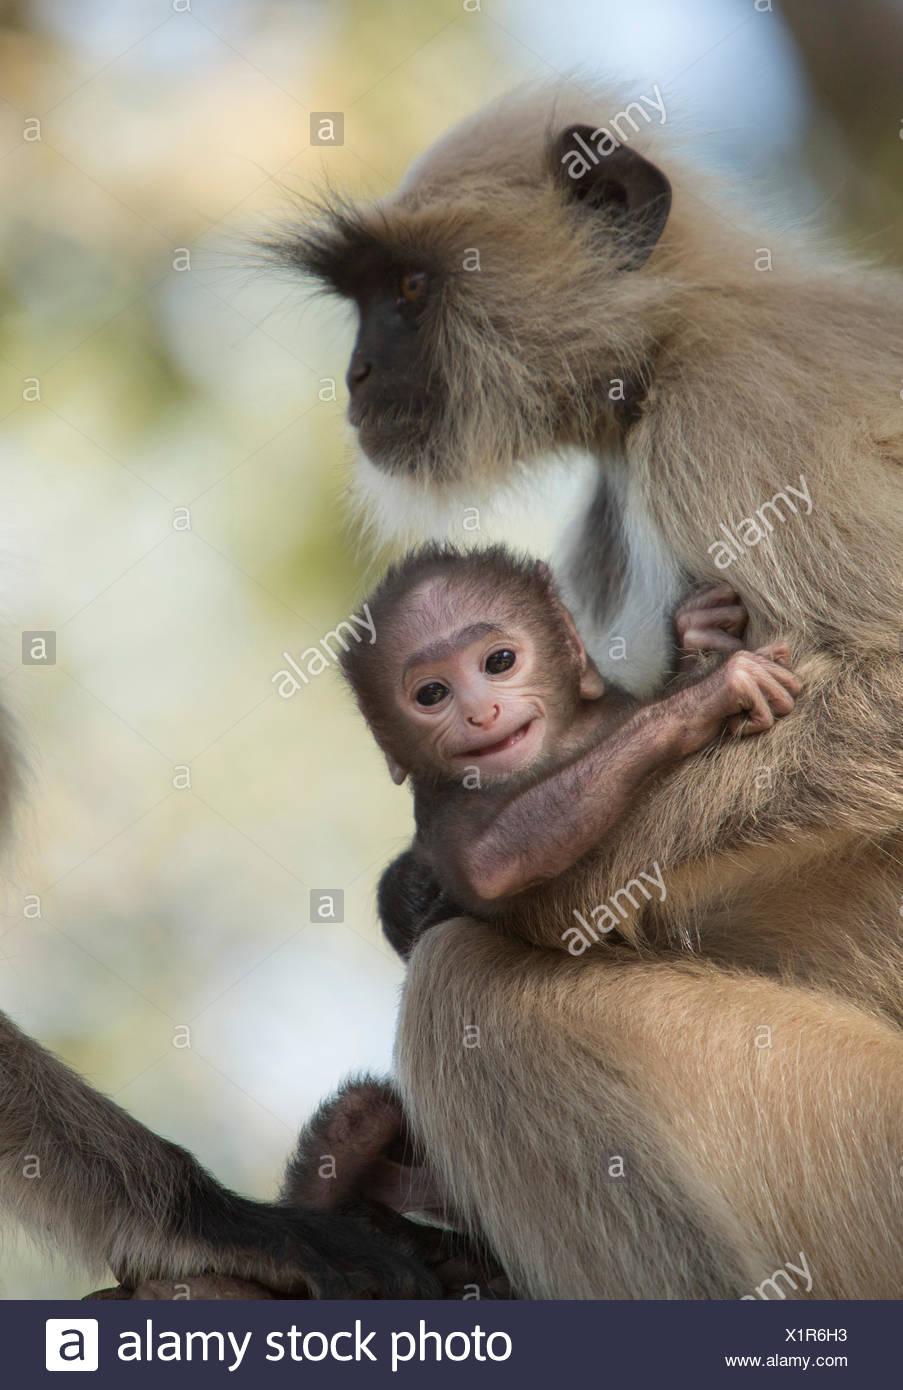 Hulman, Hanuman, Indienne, singe, d'Asie, d'animaux, des animaux, femme, jeune, Photo Stock